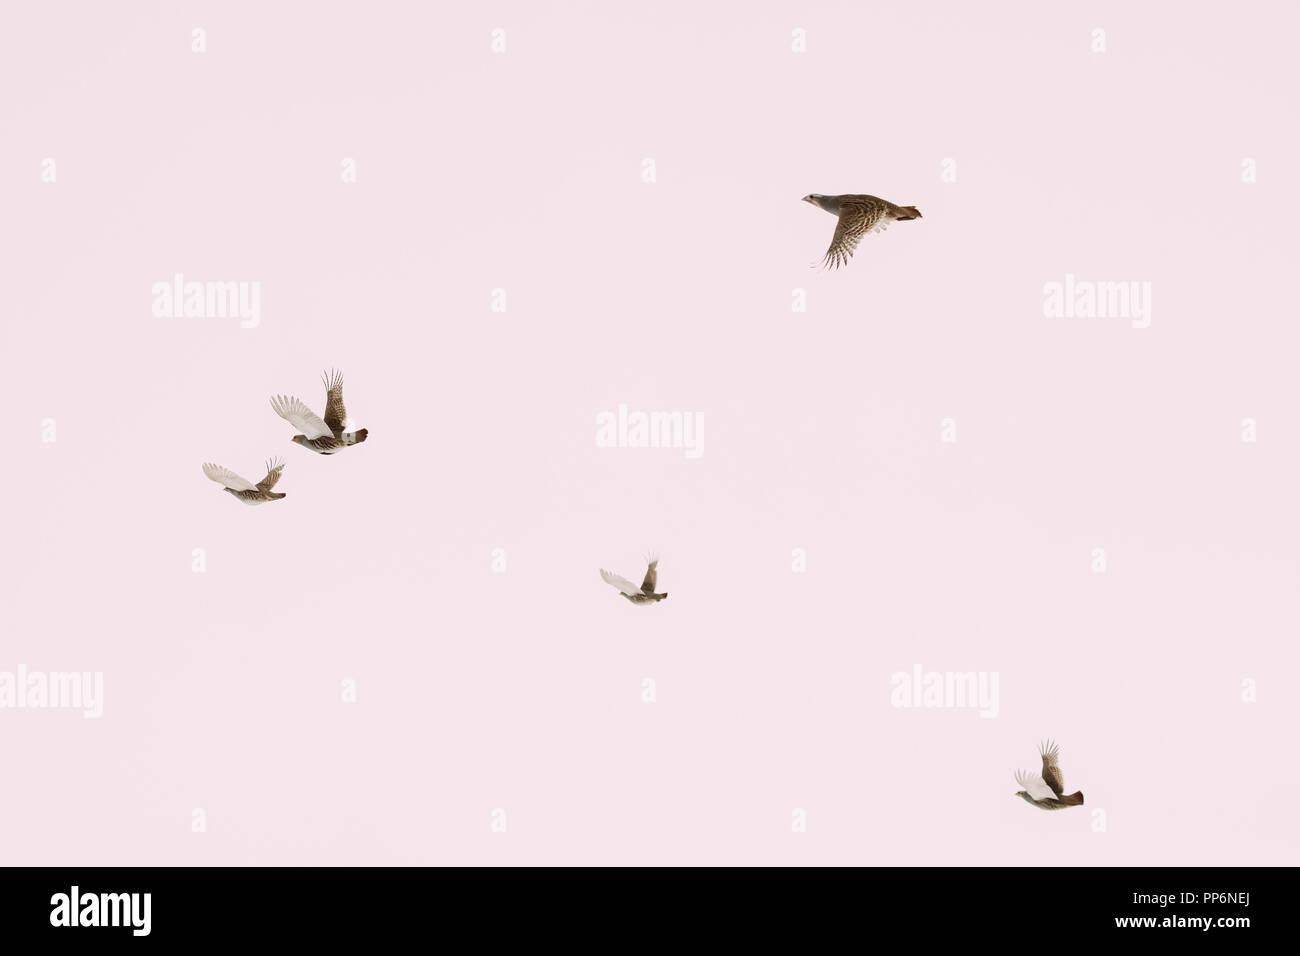 Belarus. Group Of Wild Perdix Birds Or True Partridges Flying In Winter Sky. - Stock Image